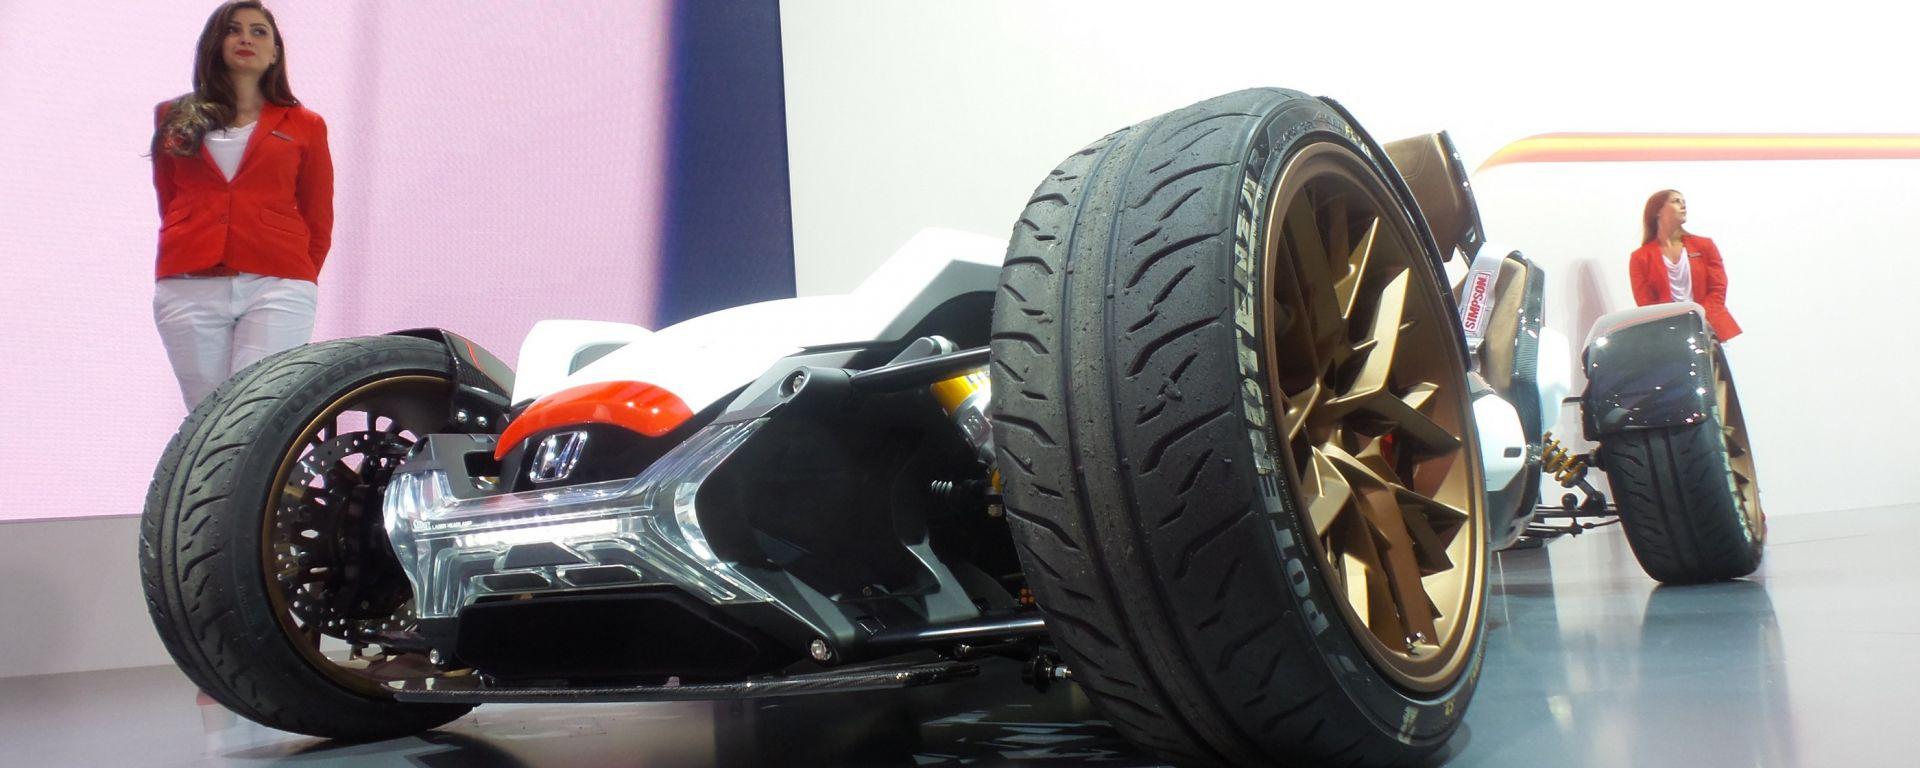 IAA Francoforte 2015: le novità Honda